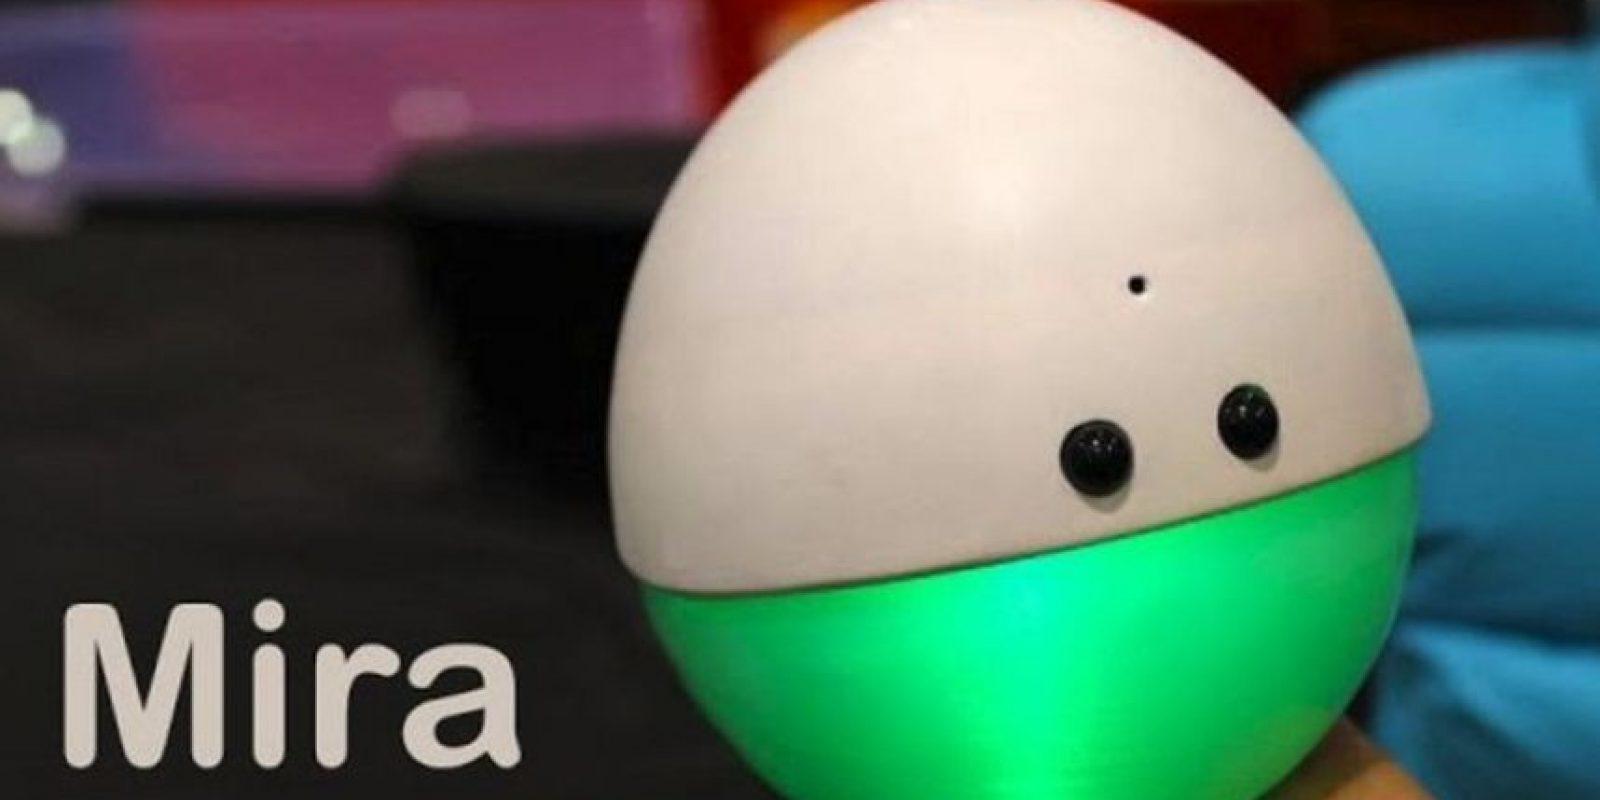 El director técnico de Pixar, el mexicano Alonso Martínez, diseñó y fabricó un simpático robot capaz de reconocer cuando alguien lo está mirando directamente. Foto:Alonso Martínez